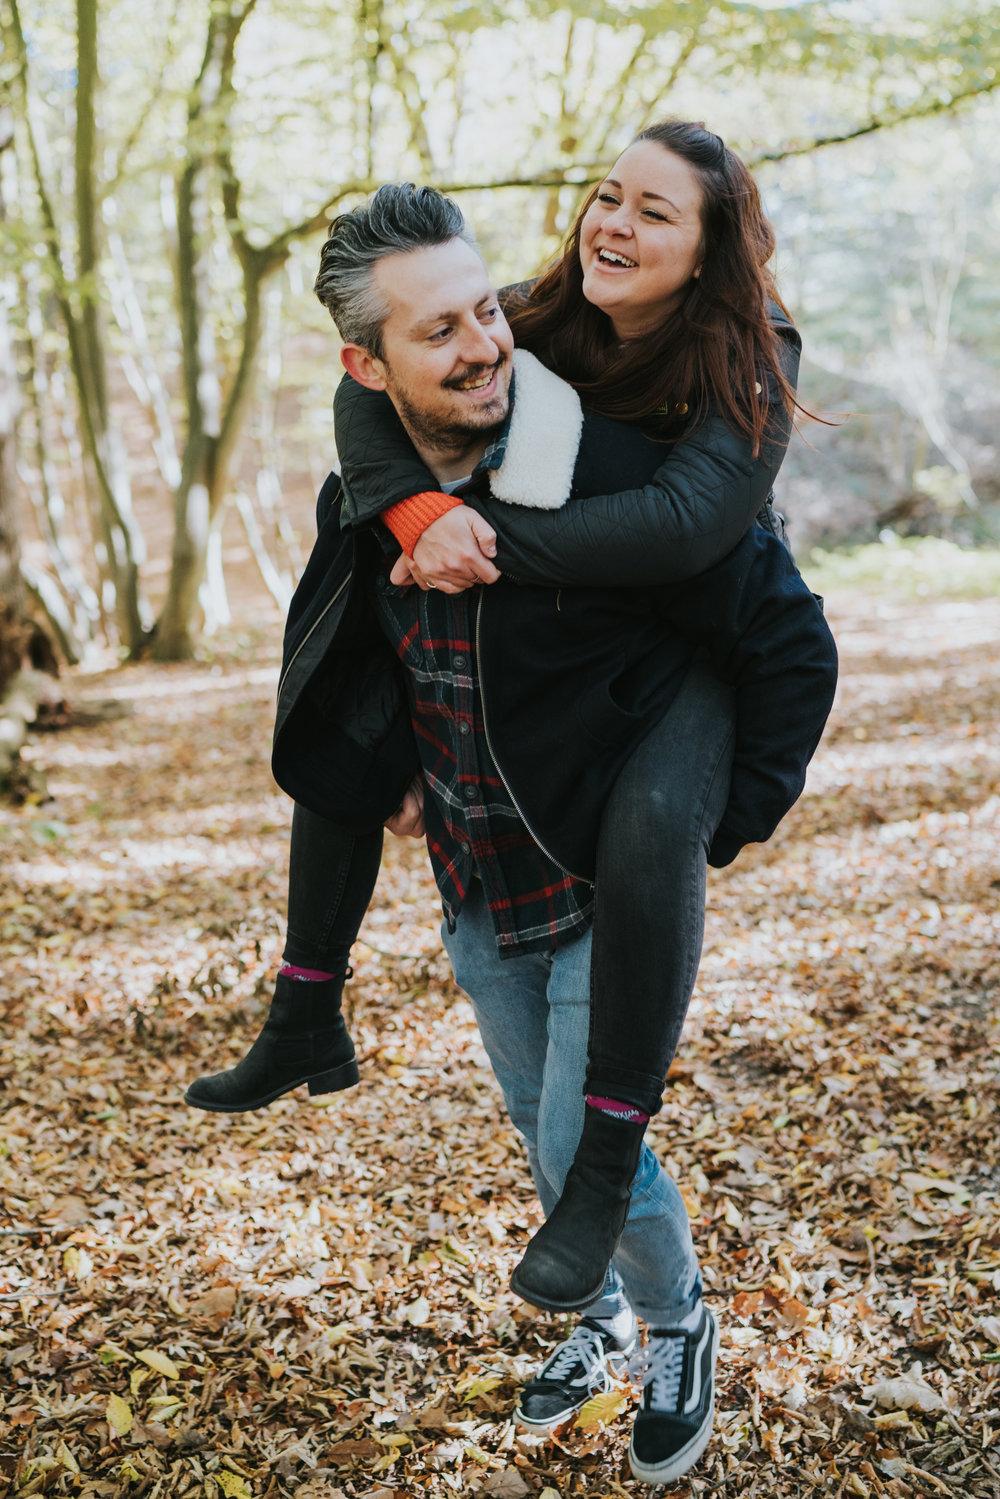 dow-woodland-family-session-colchester-essex-grace-elizabeth-colchester-essex-alternative-wedding-lifestyle-photographer-essex-suffolk-norfolk-devon (22 of 31).jpg